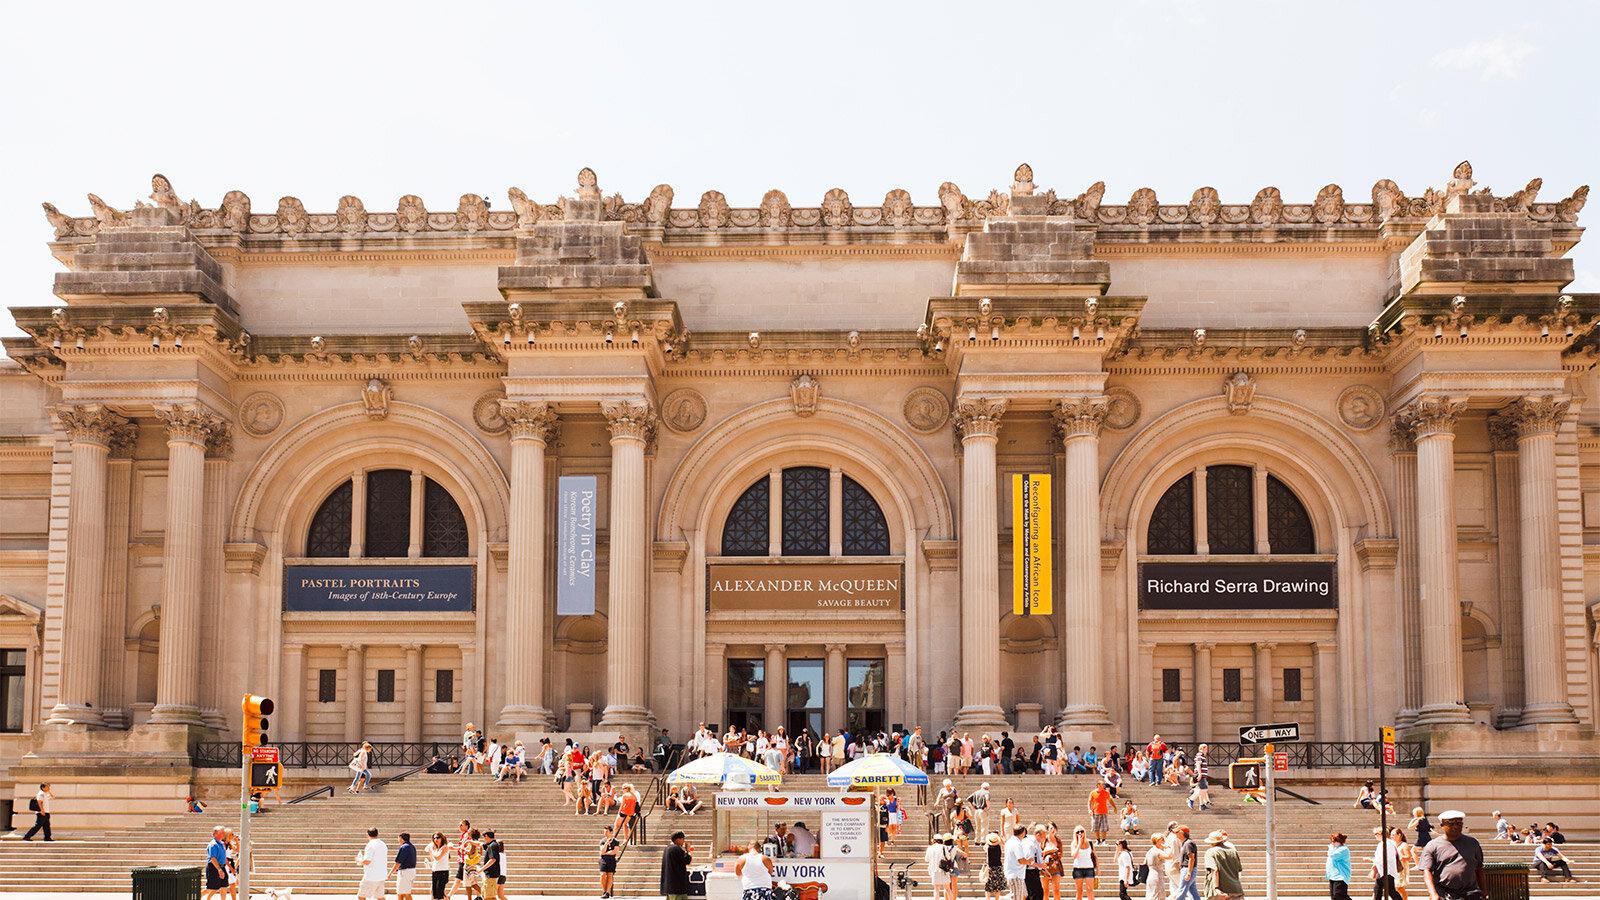 Музей Метрополітен виплатить зарплати працівникам до 2 травня 2020 року